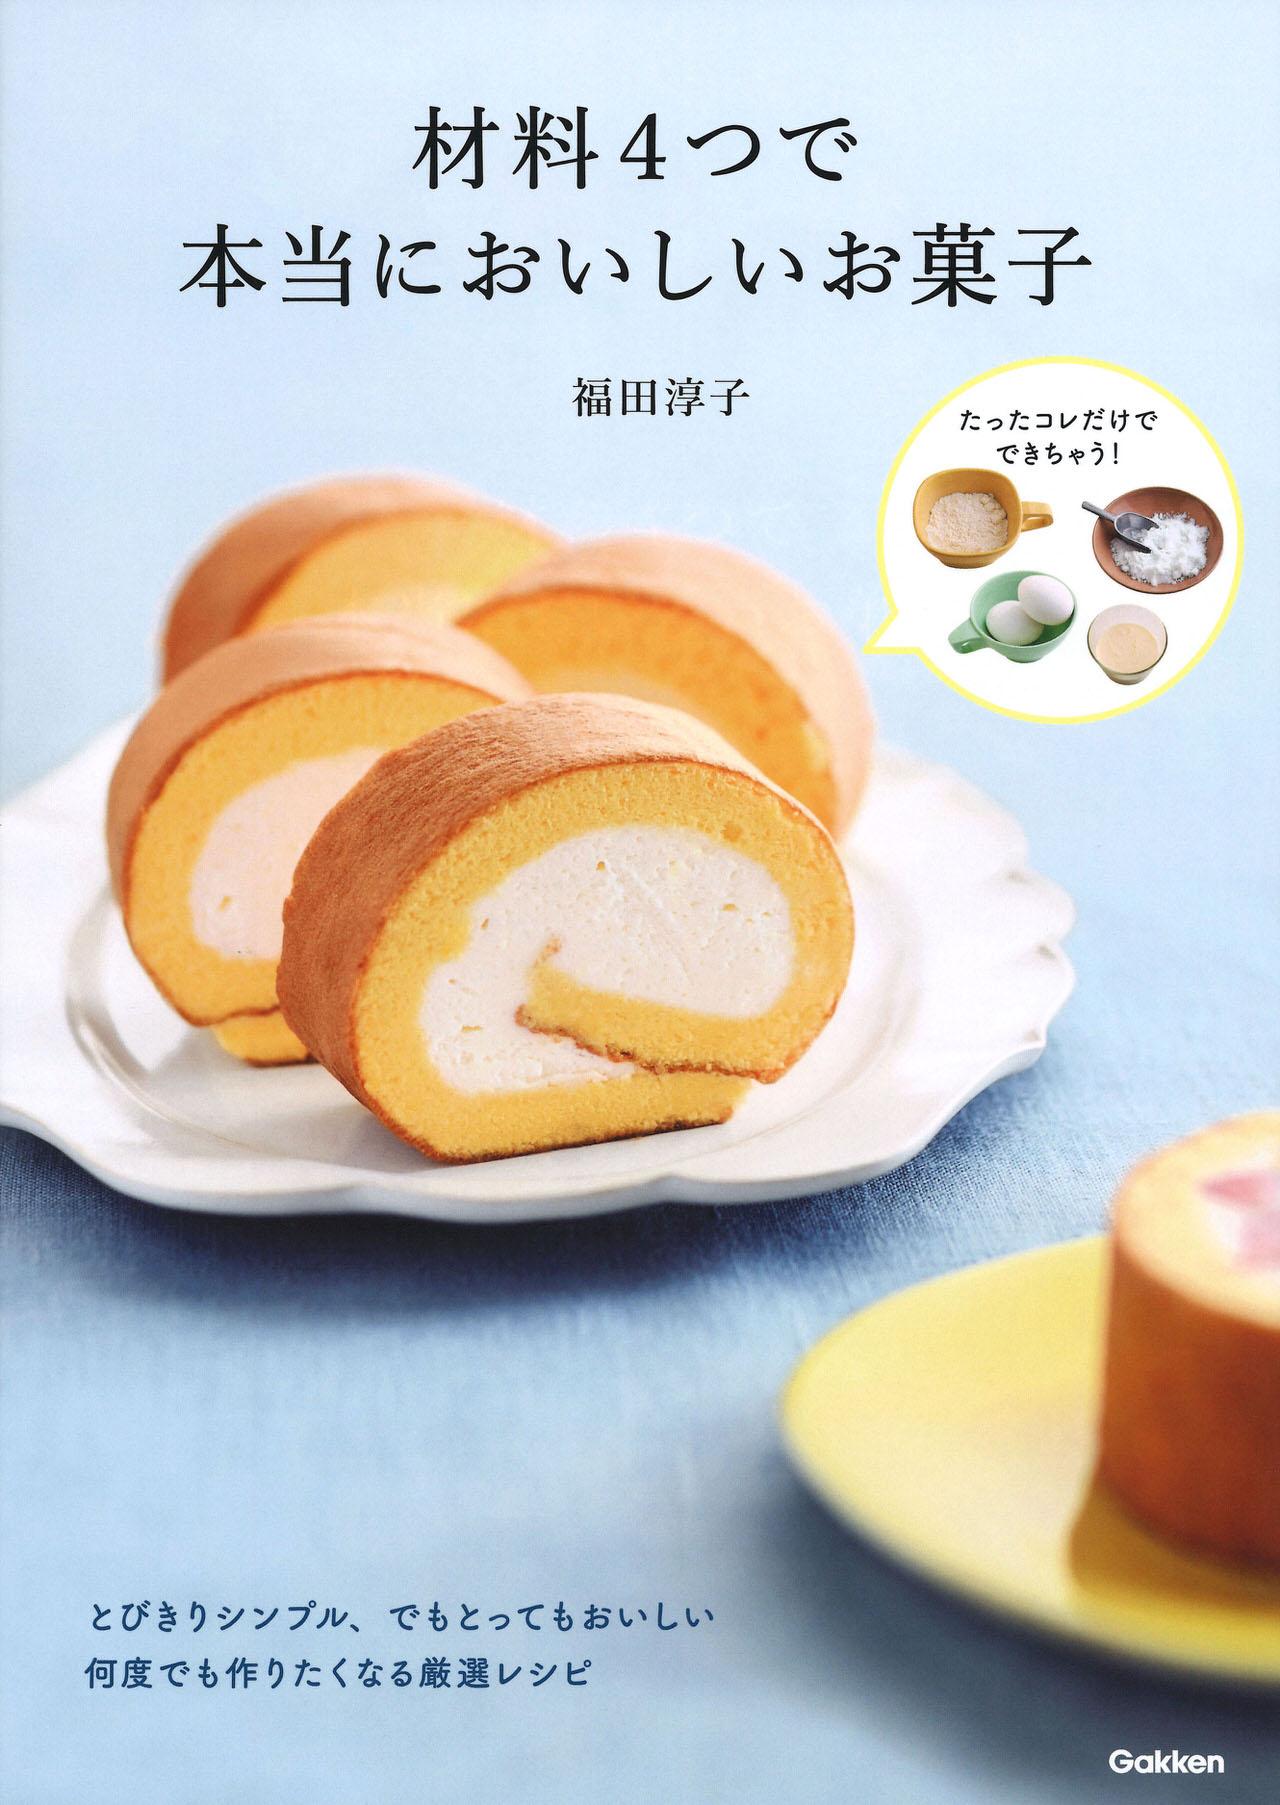 クックパッドで人気連載の材料4つでお菓子が作れるレシピ本「材料4つで本当においしいお菓子」